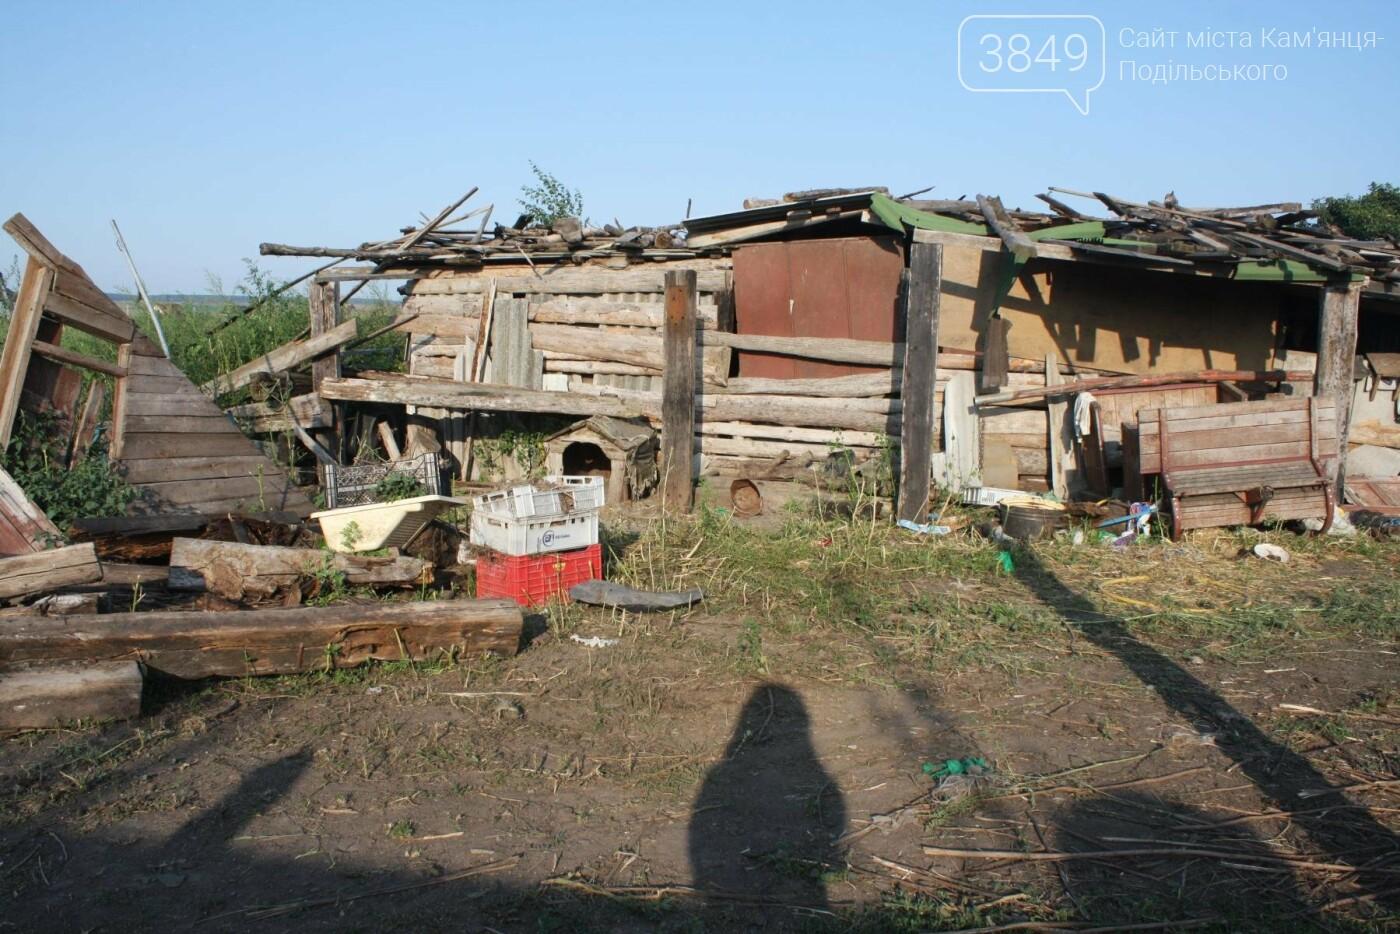 """В Кам'янці відбулось """"народне віче"""" щодо жорстокого поводження з тваринами, фото-23"""